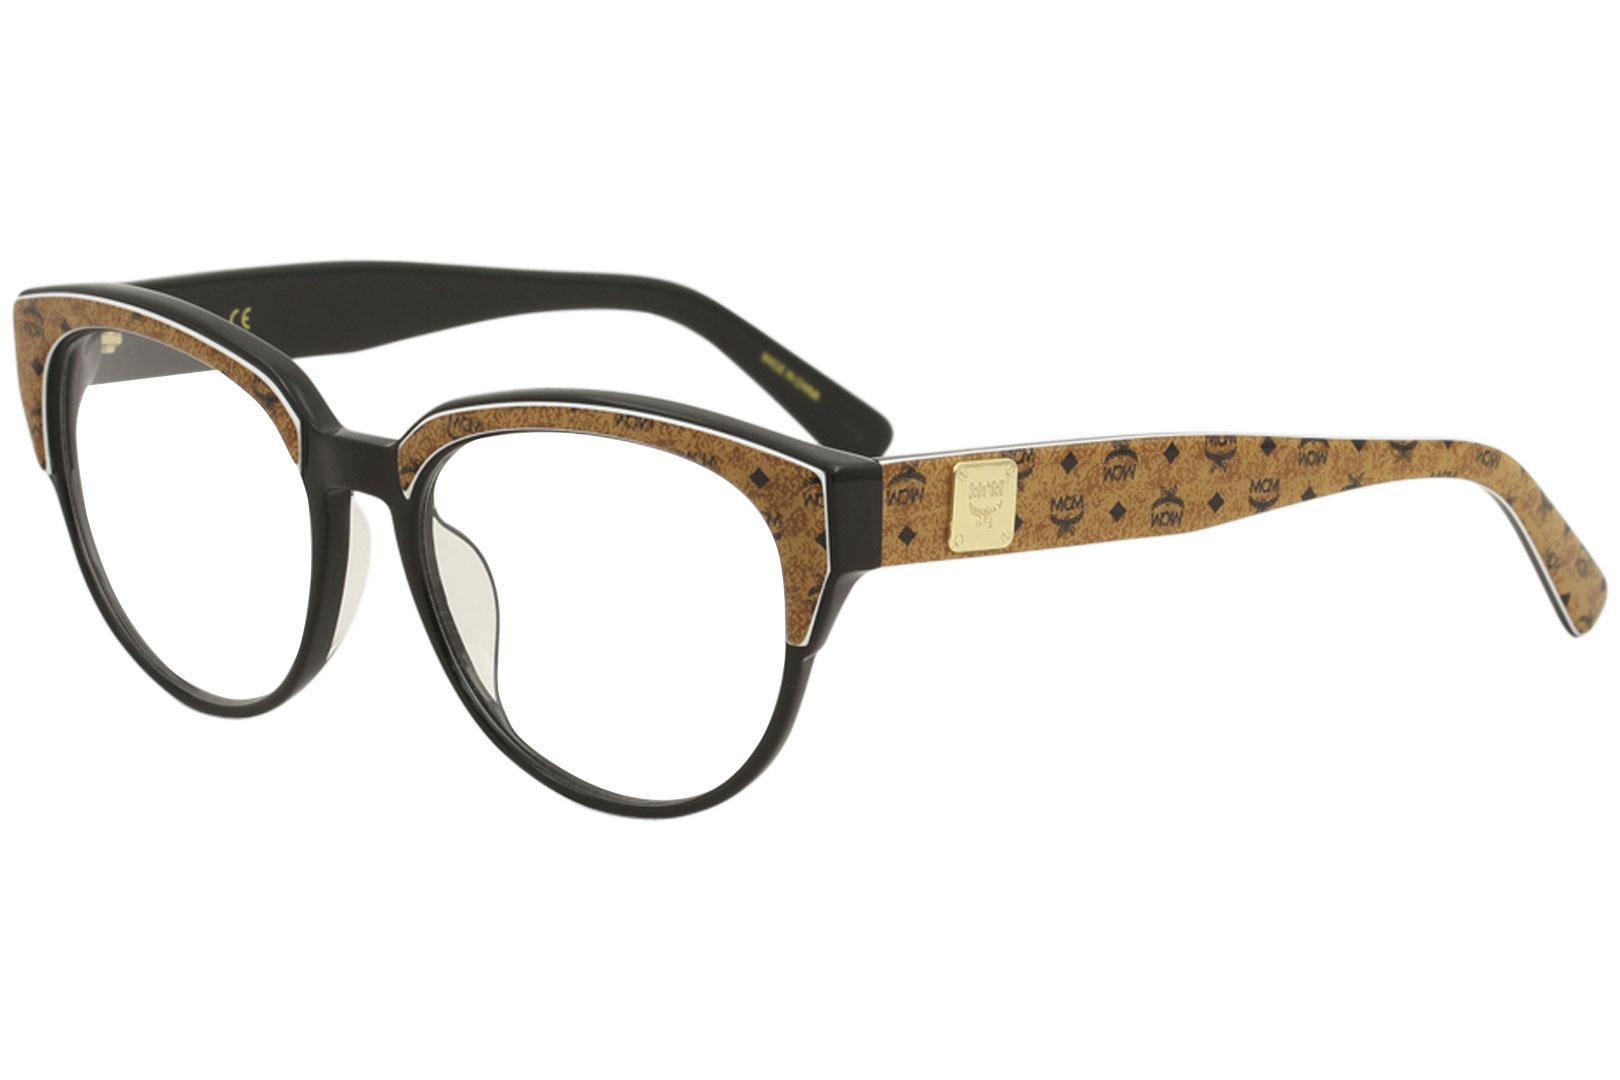 fef6d7709a1 MCM Women s Eyeglasses 2621 Full Rim Optical Frame